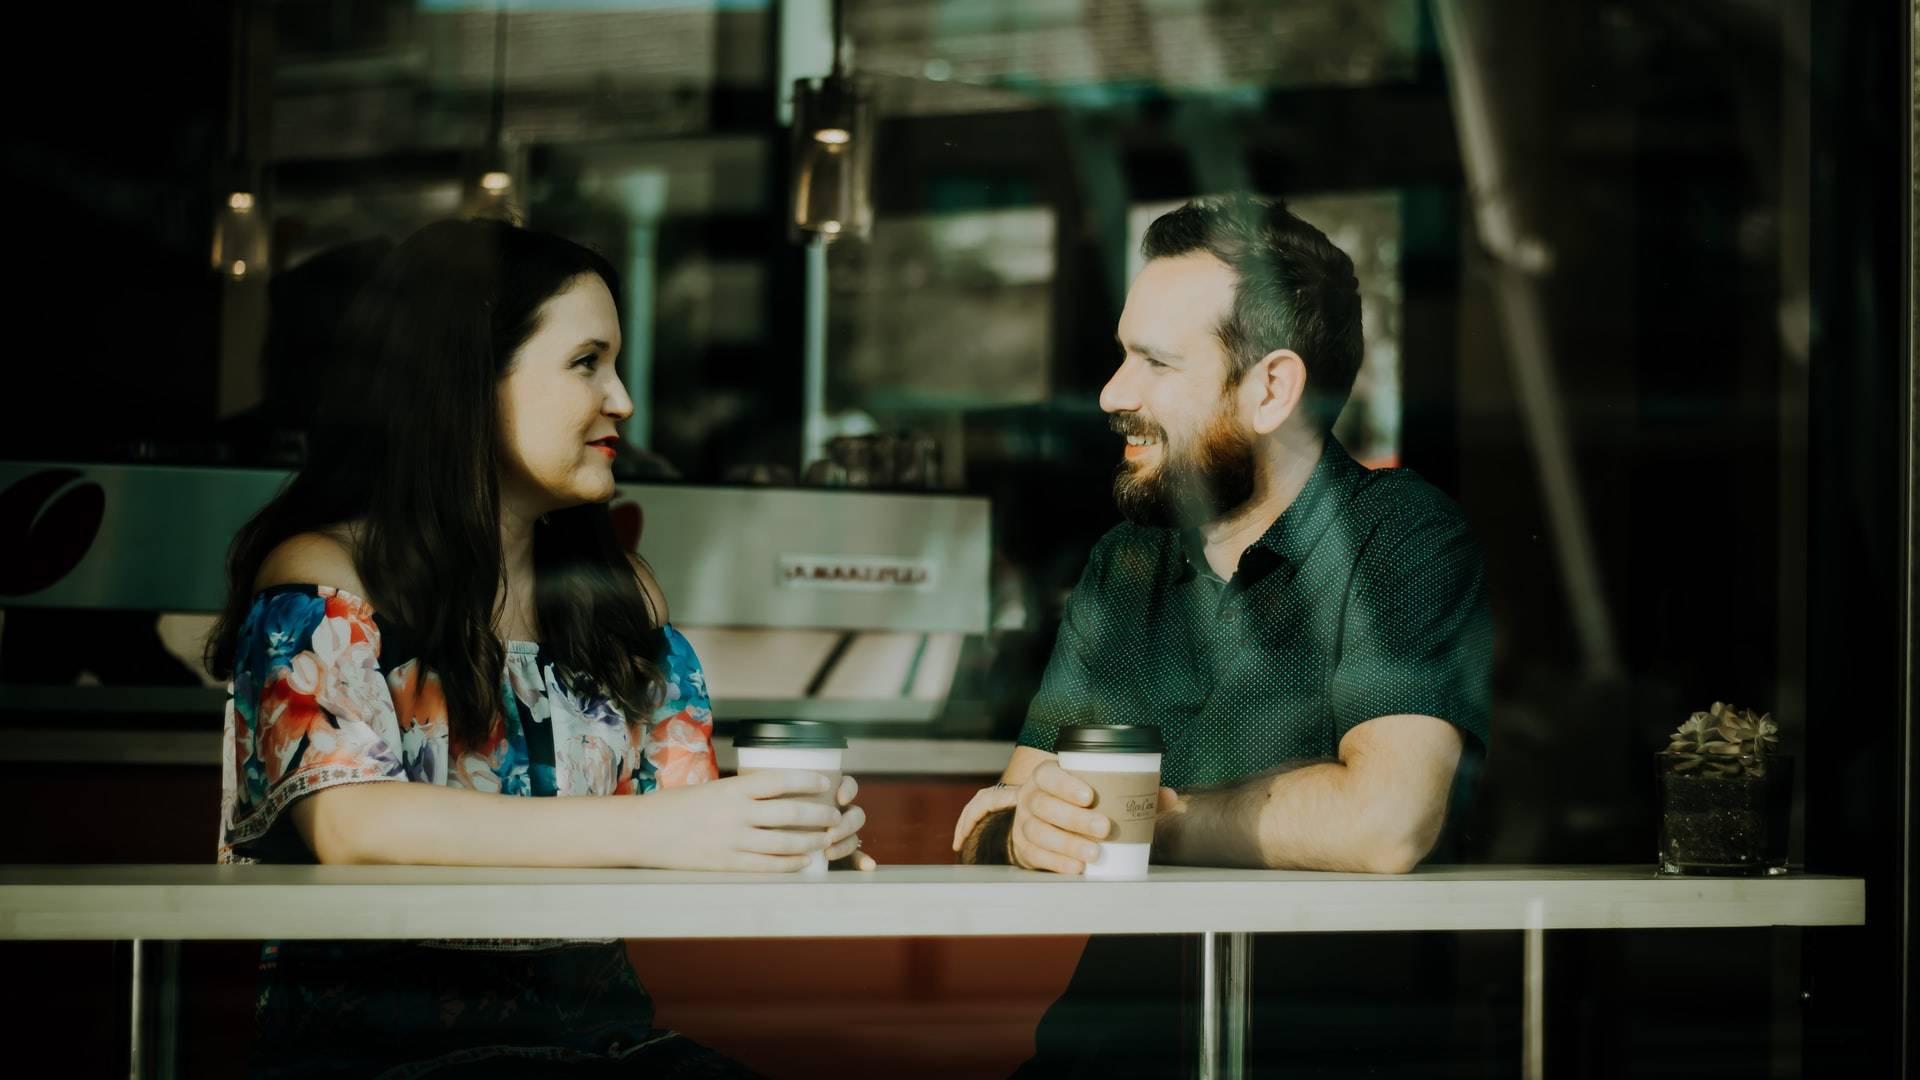 beszélgető pár